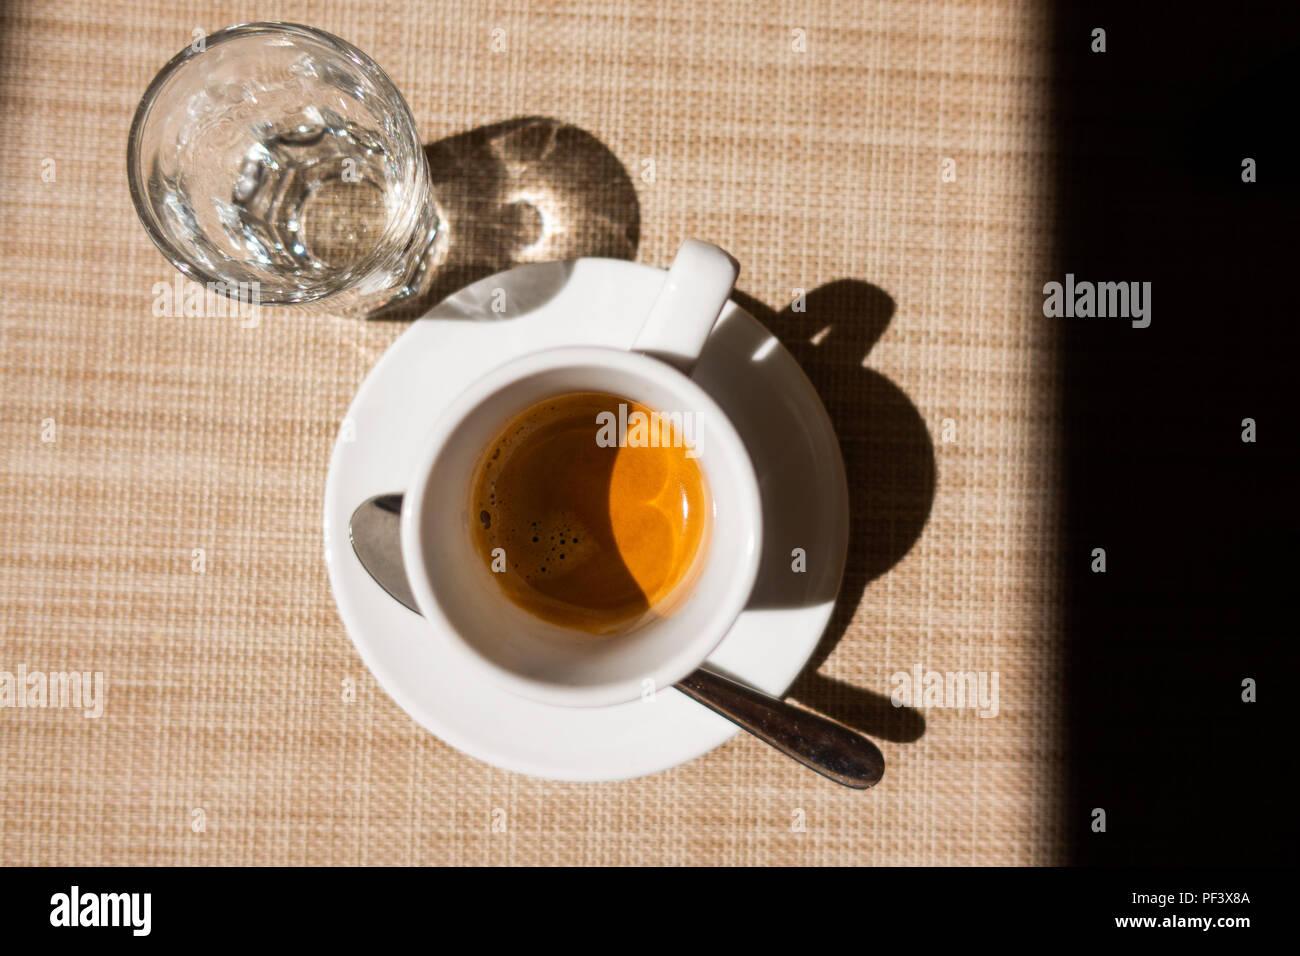 Caffe corretto, traditionelle italienische Getränk mit Espresso und ...